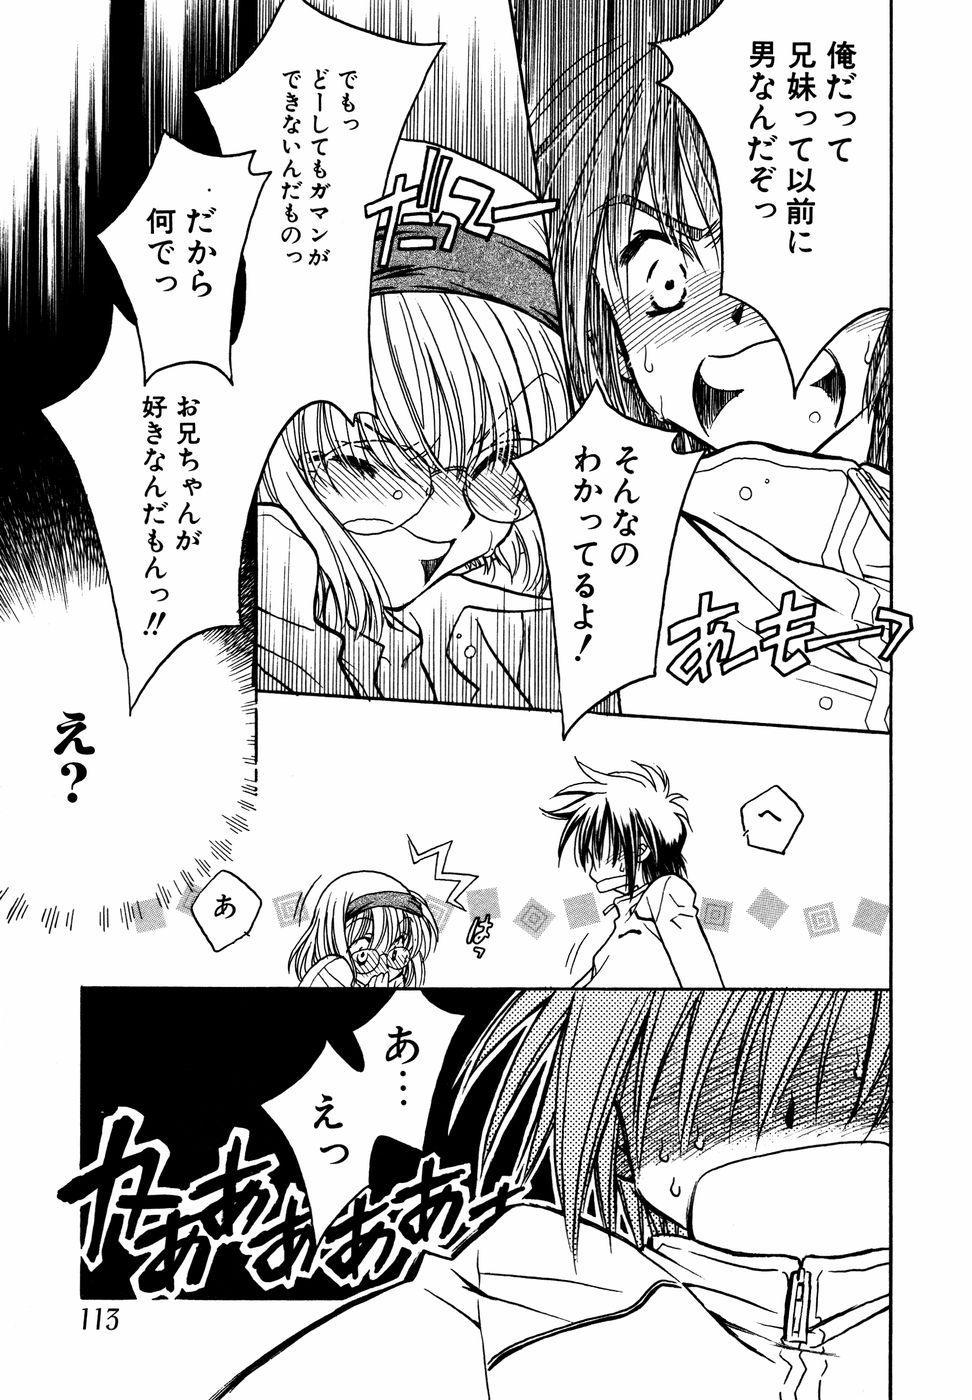 Megane Imouto Ryoujoku 113